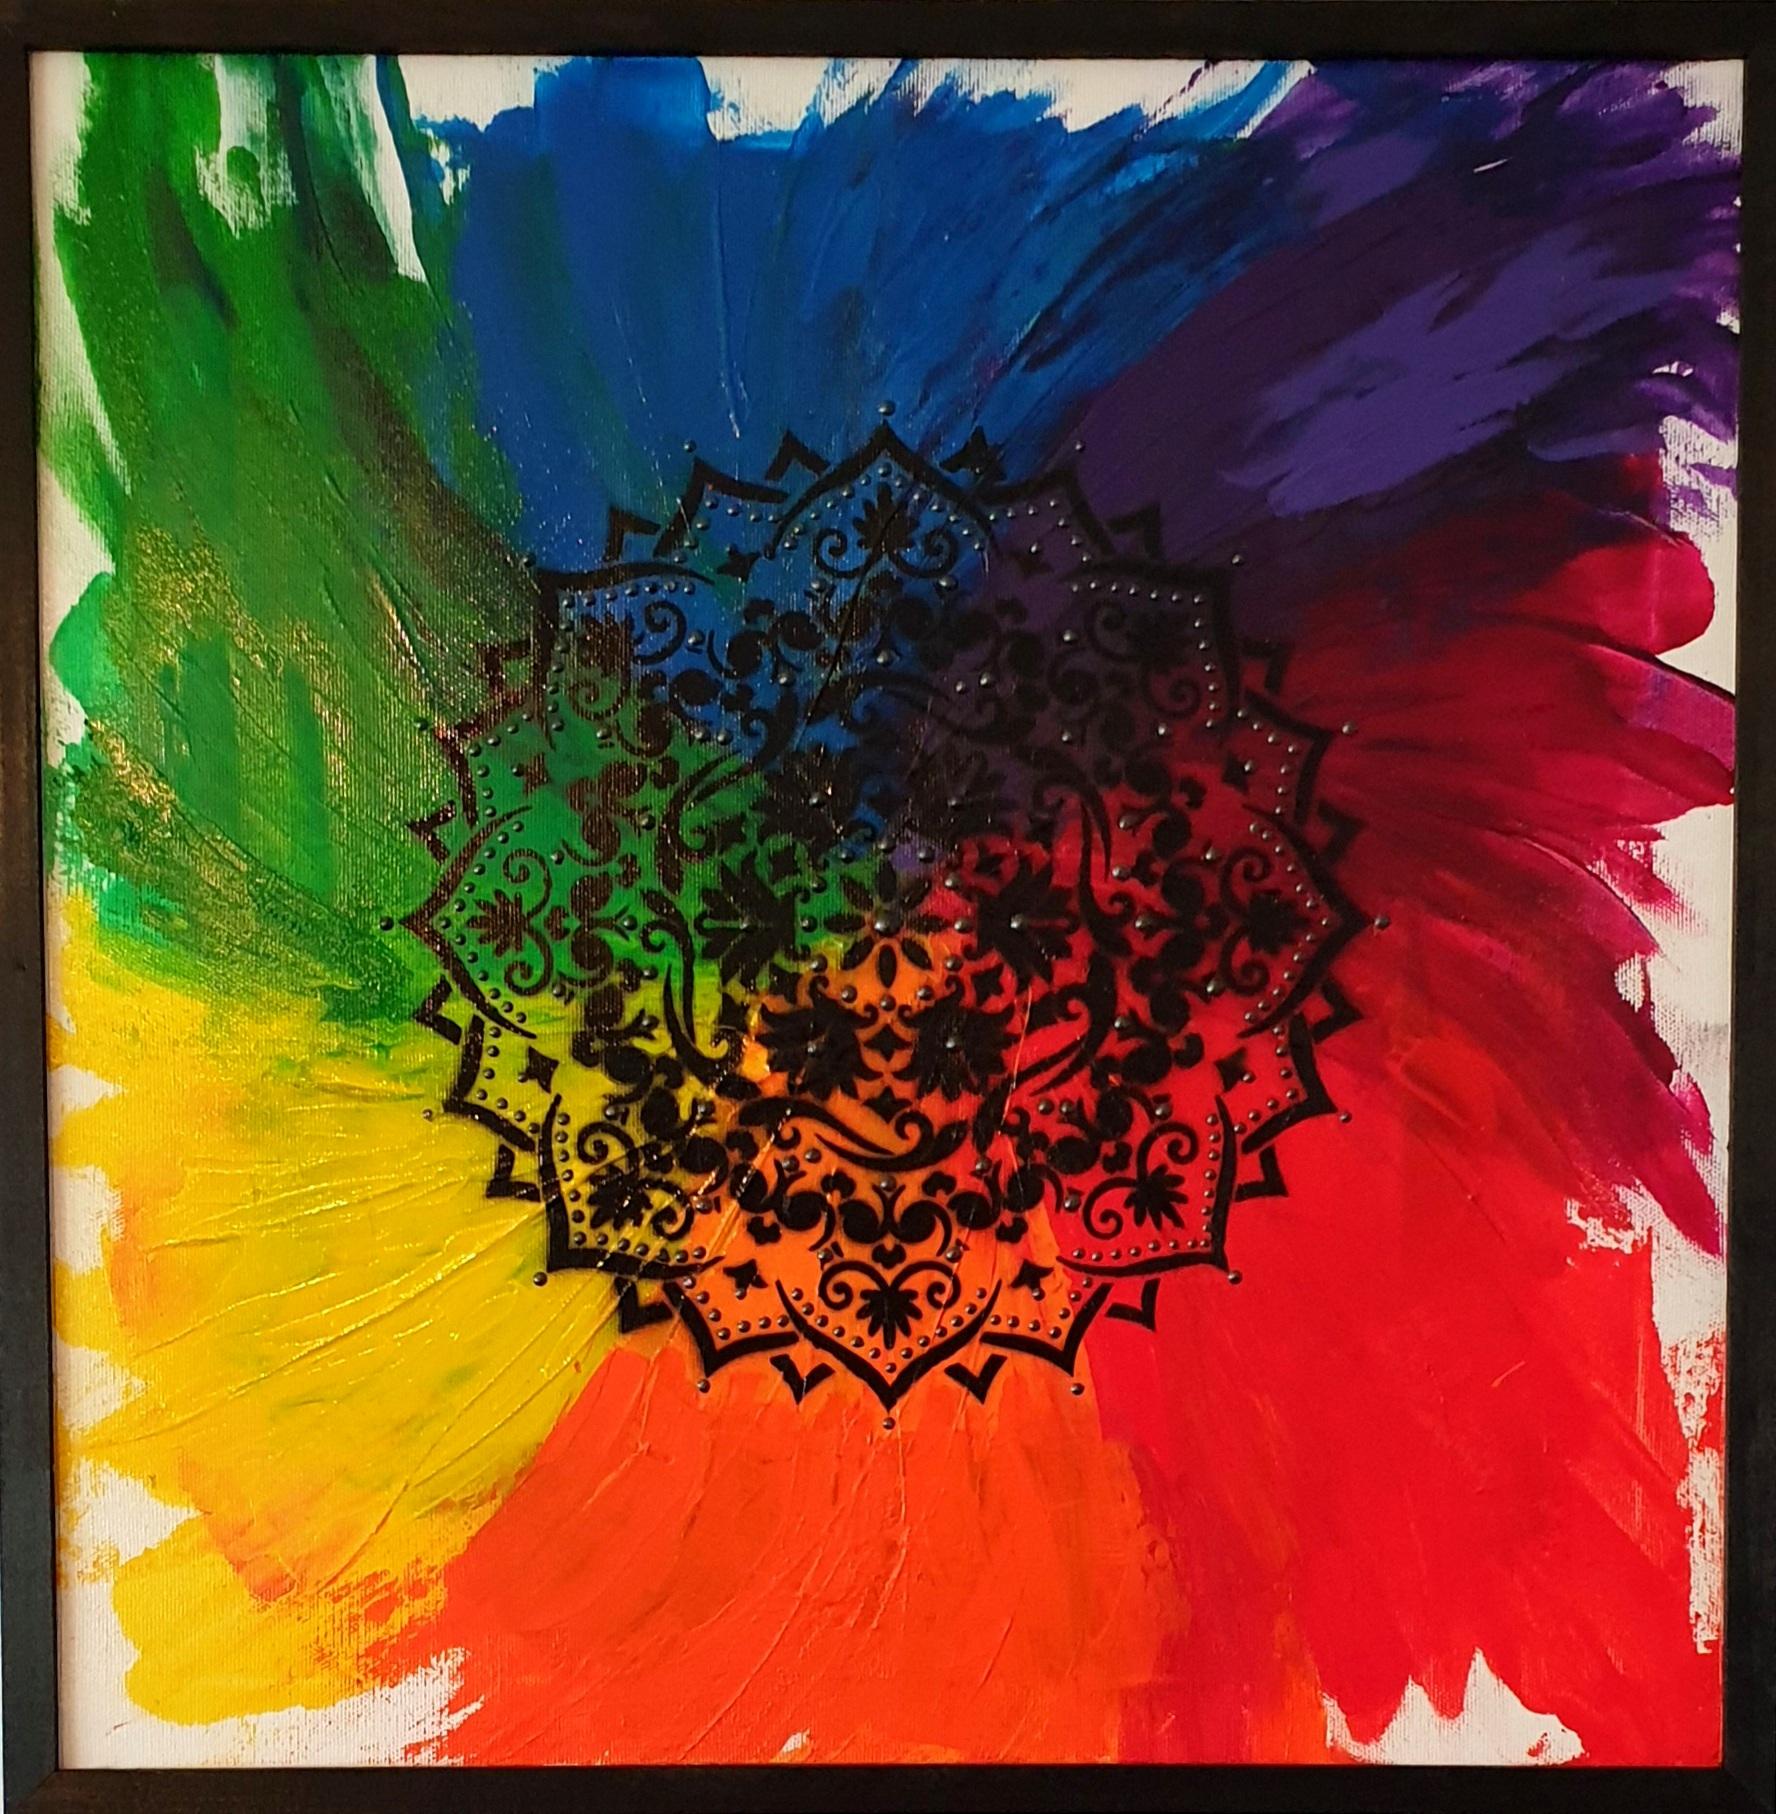 """Obraz akryl 53cm x 53cm pt. """"Mandala czakr"""" (2020)"""